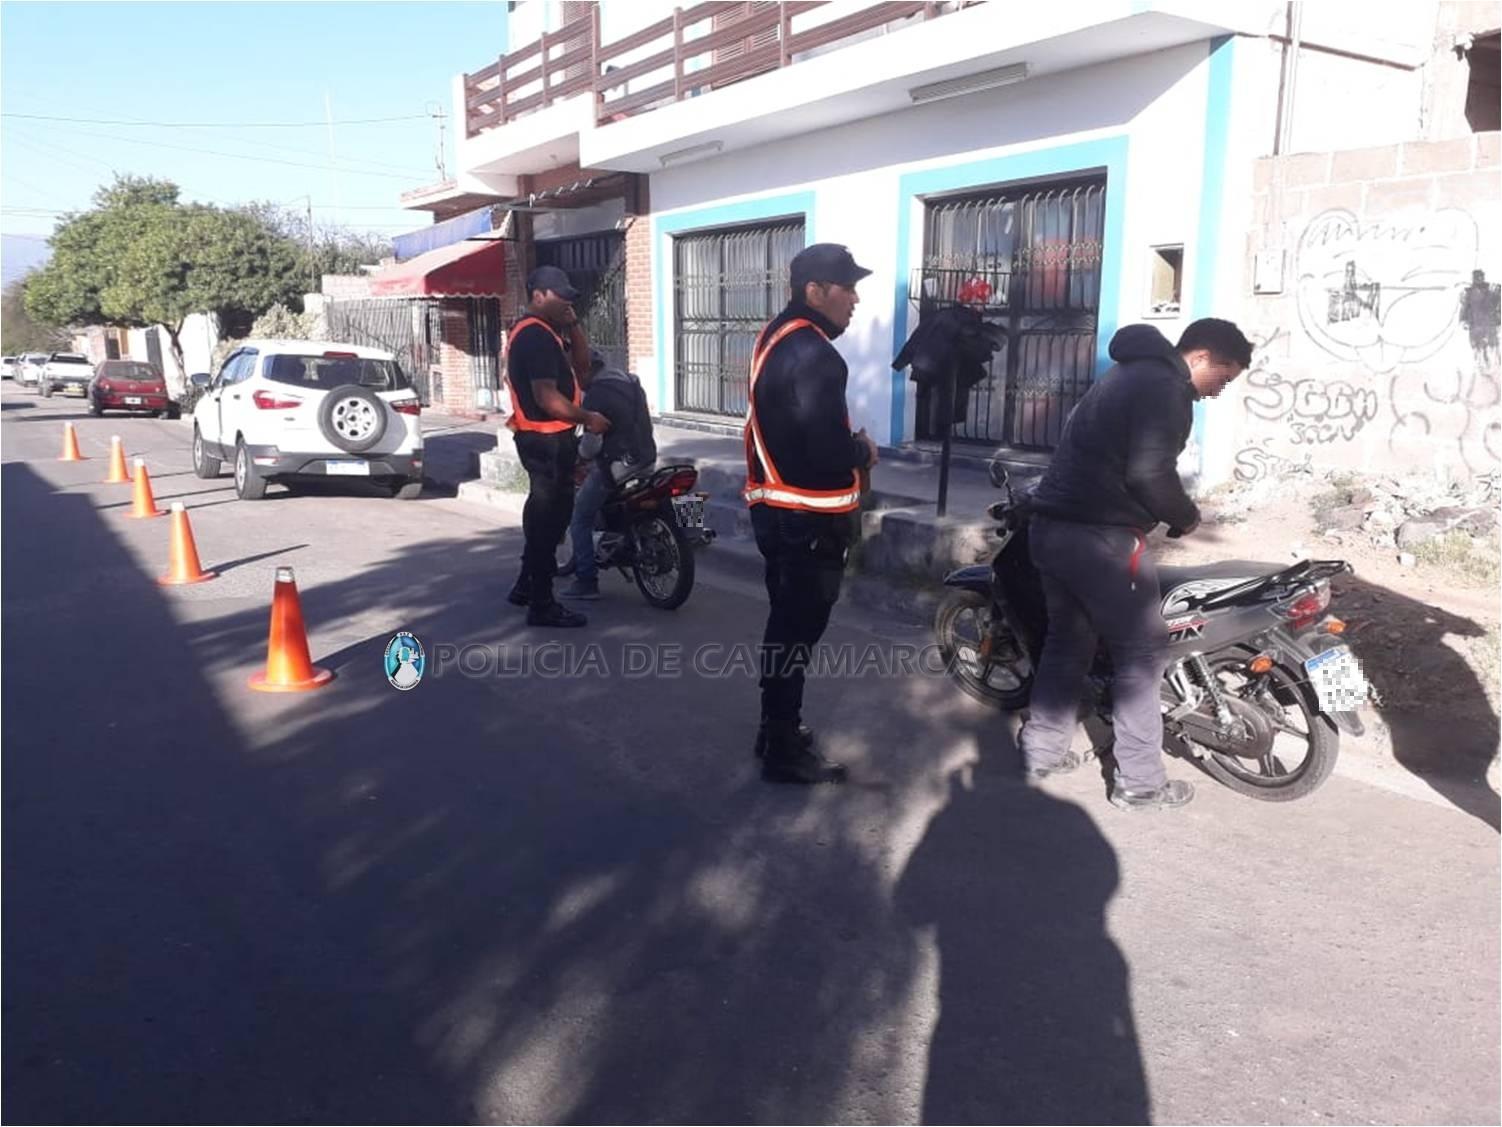 Resultado de imagen para Conductores infractores se quedaron sin sus vehículos operativos en catamarca